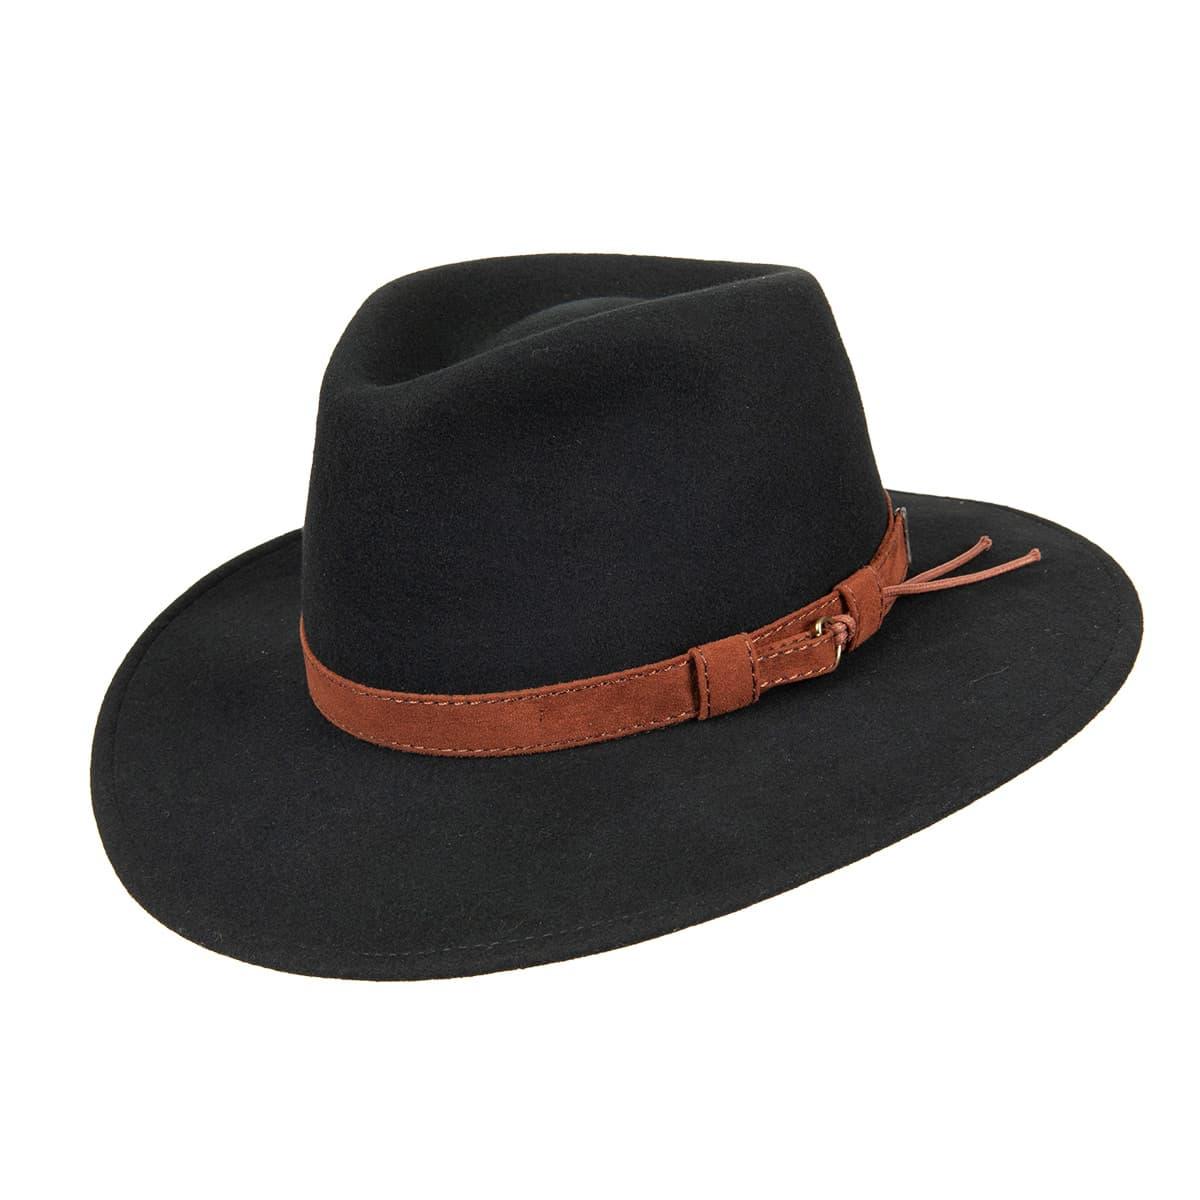 Cappello western in feltro lana 29a117e71c9f